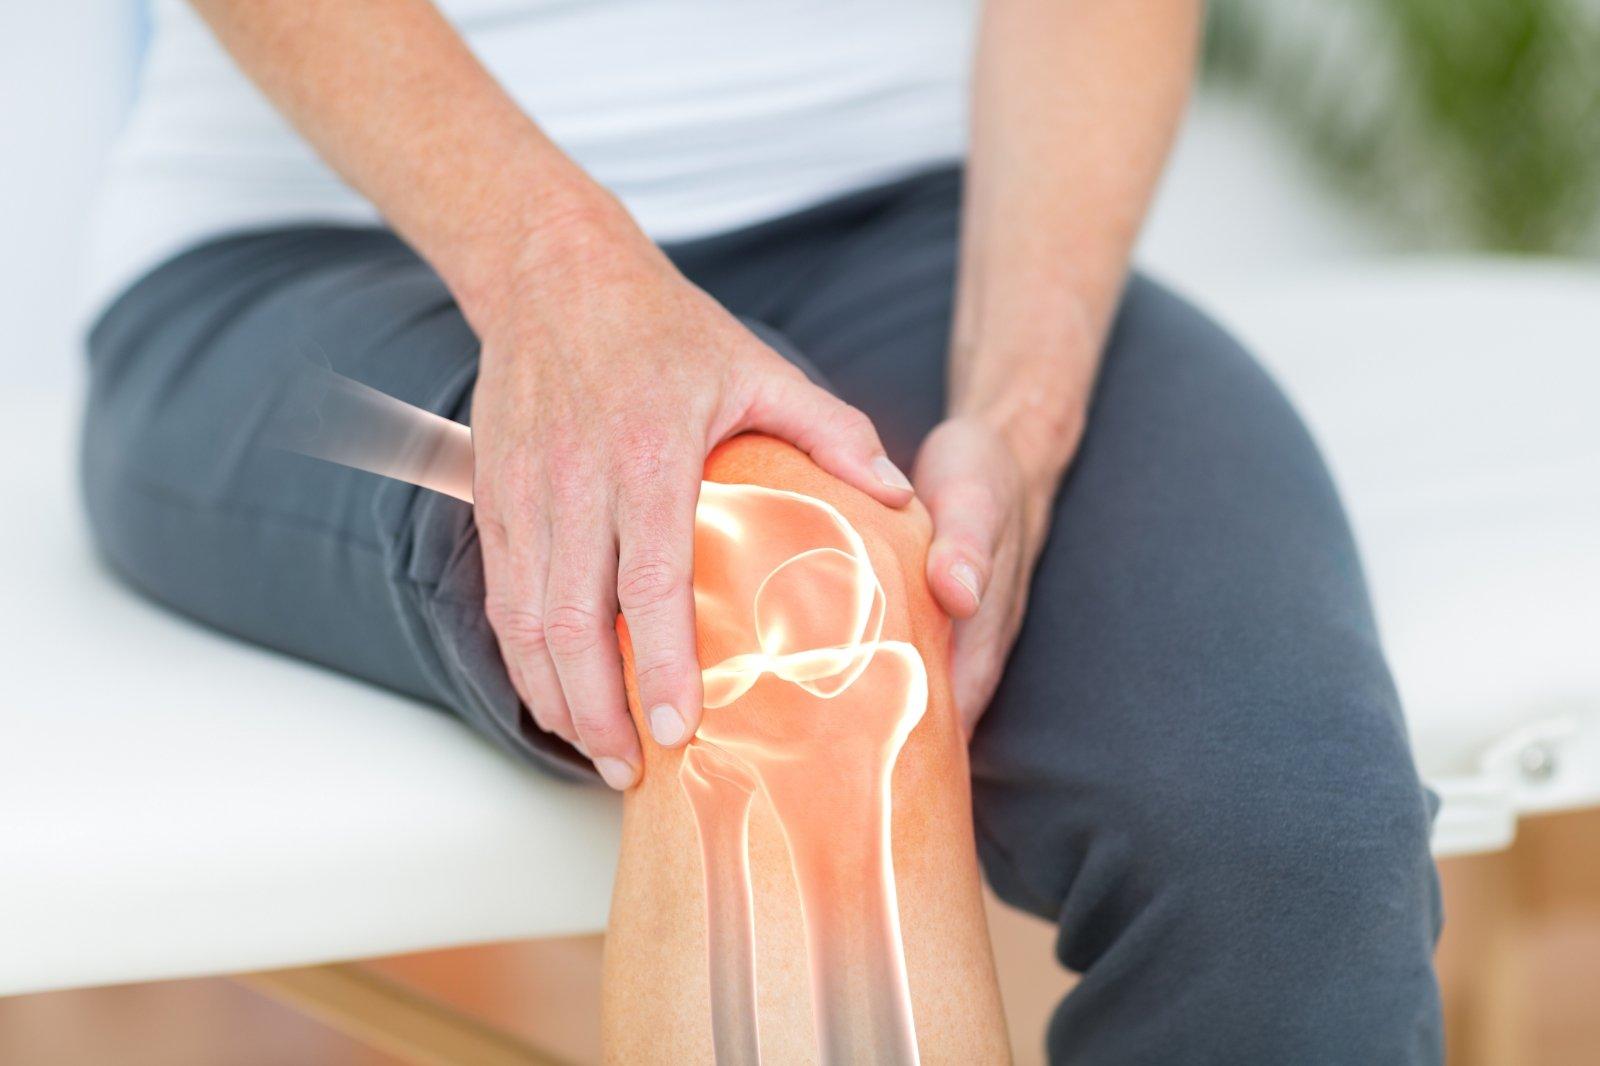 artrozė sąnarių sukelia ženklai skausmas peties sąnario raiščių